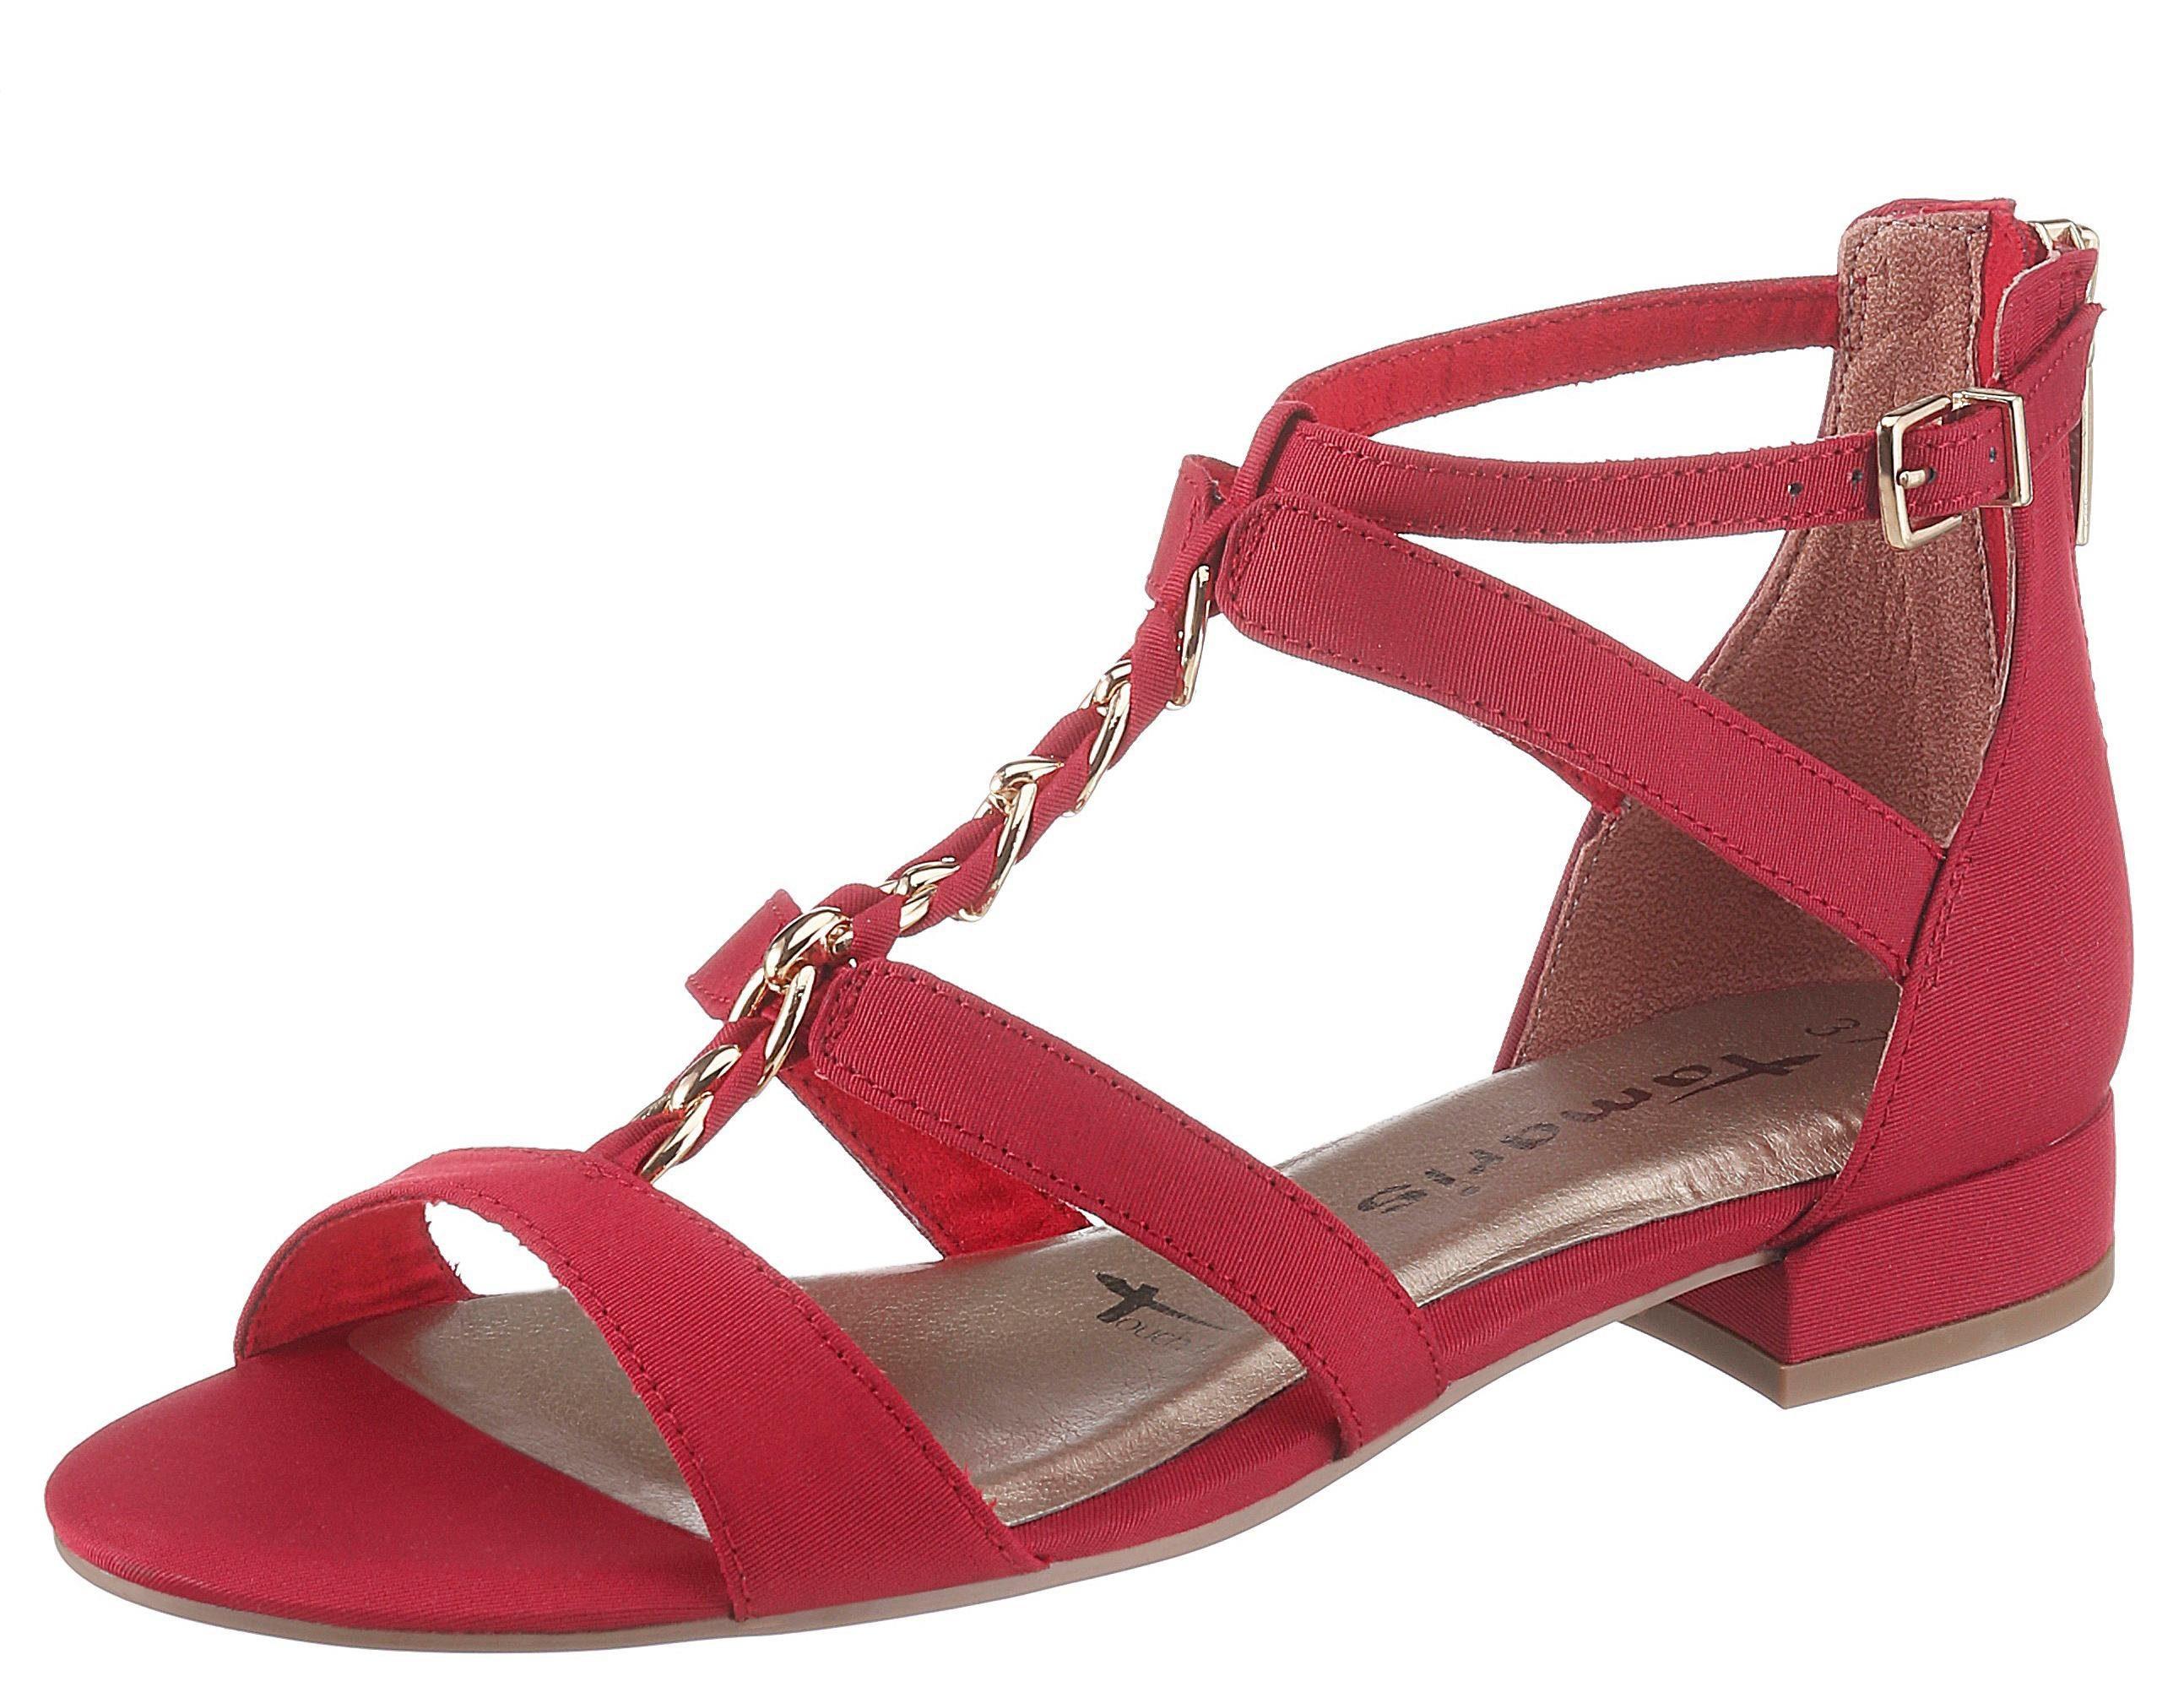 Tamaris »Ayn« Sandalette mit elegantem Schmuckriemchen online kaufen   OTTO